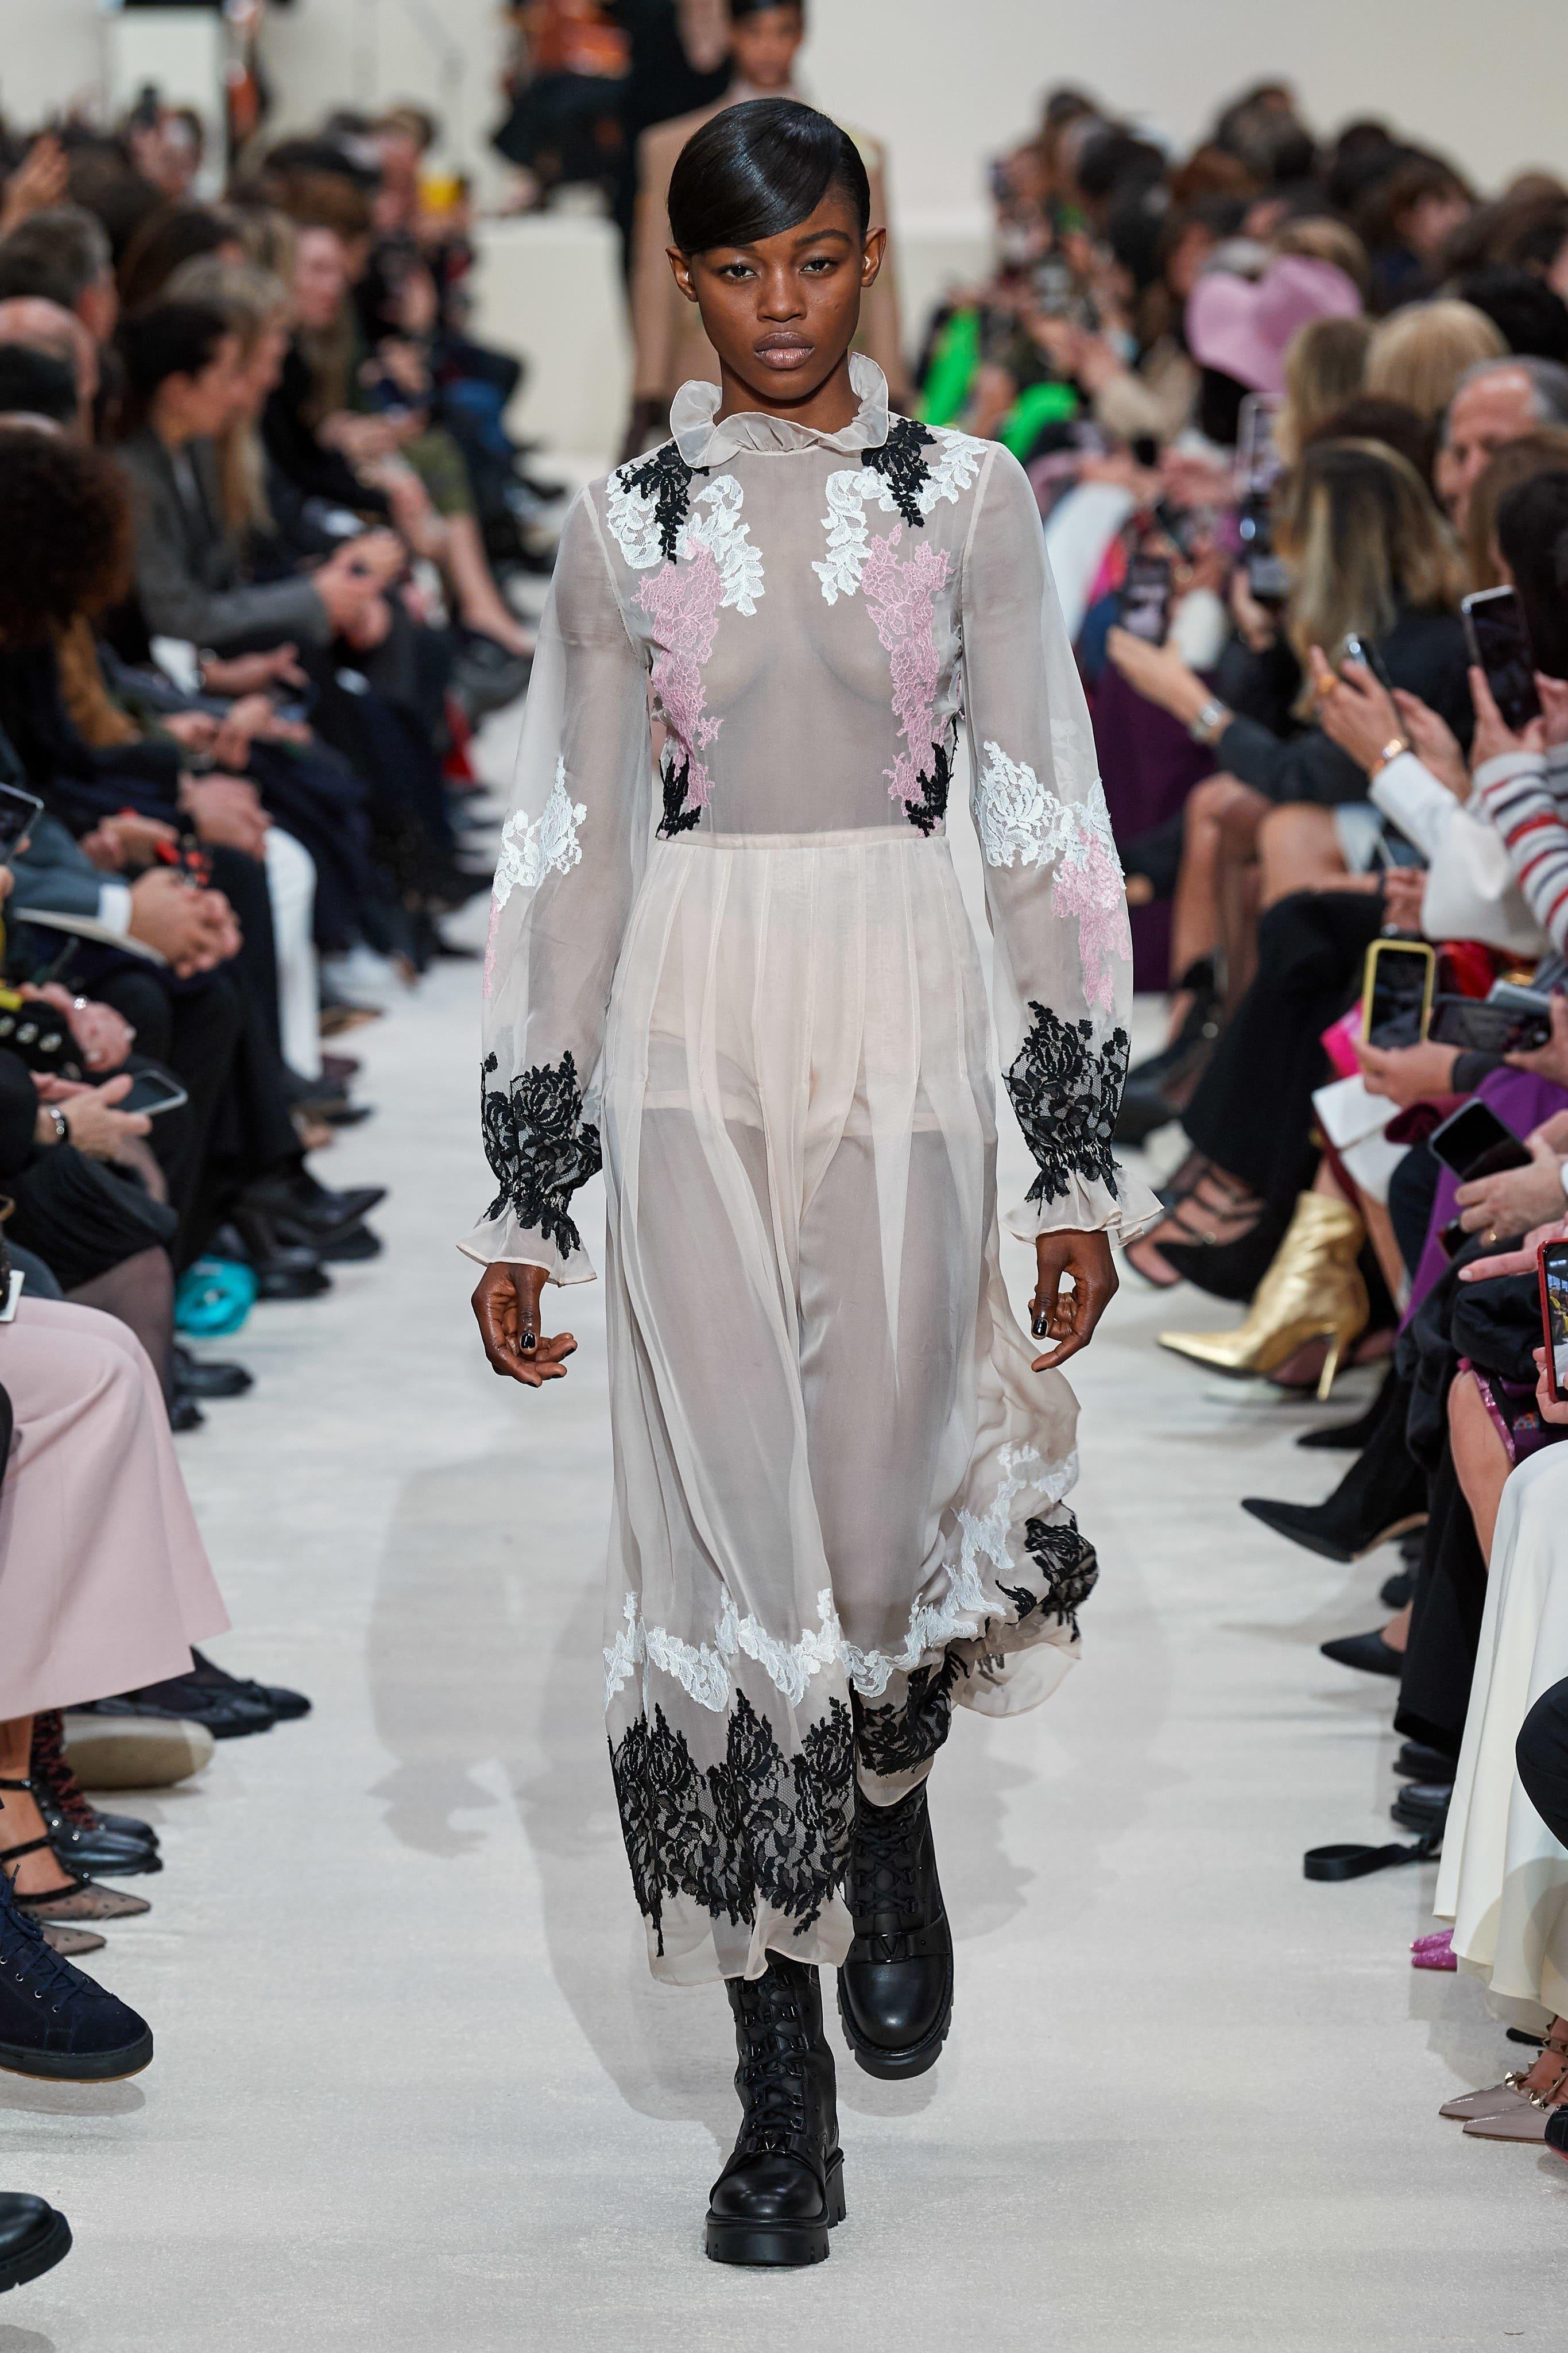 Người mẫu đội đầu thú lên trình diễn thời trang tại Paris Fashion Week - 11